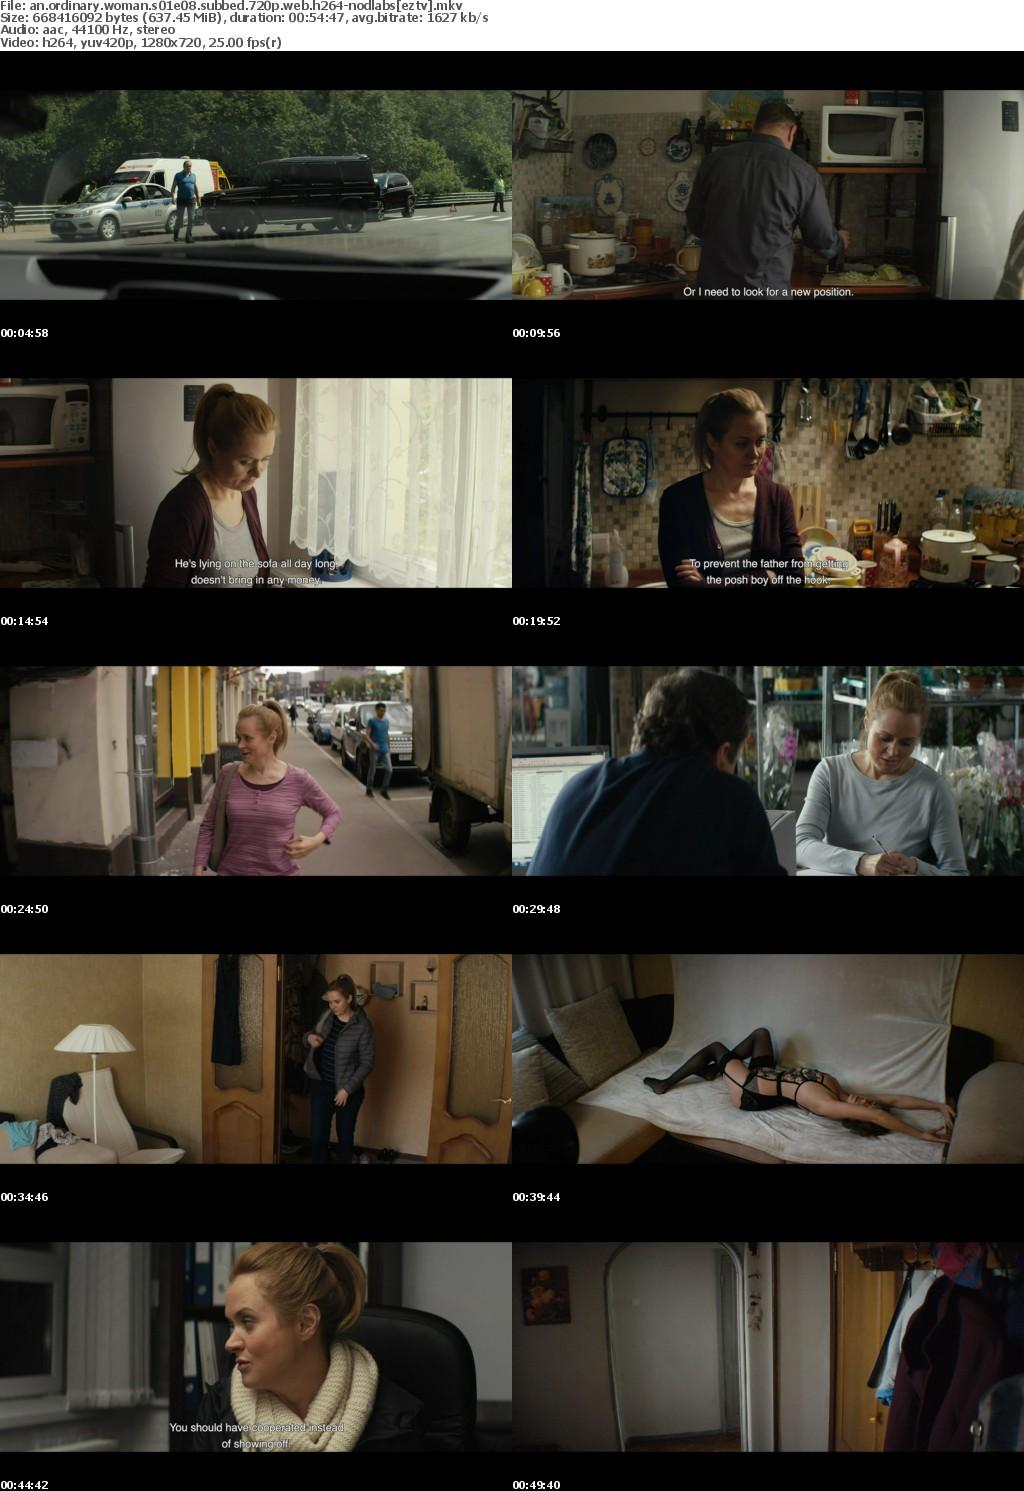 An Ordinary Woman S01E08 SUBBED 720p WEB h264-NODLABS